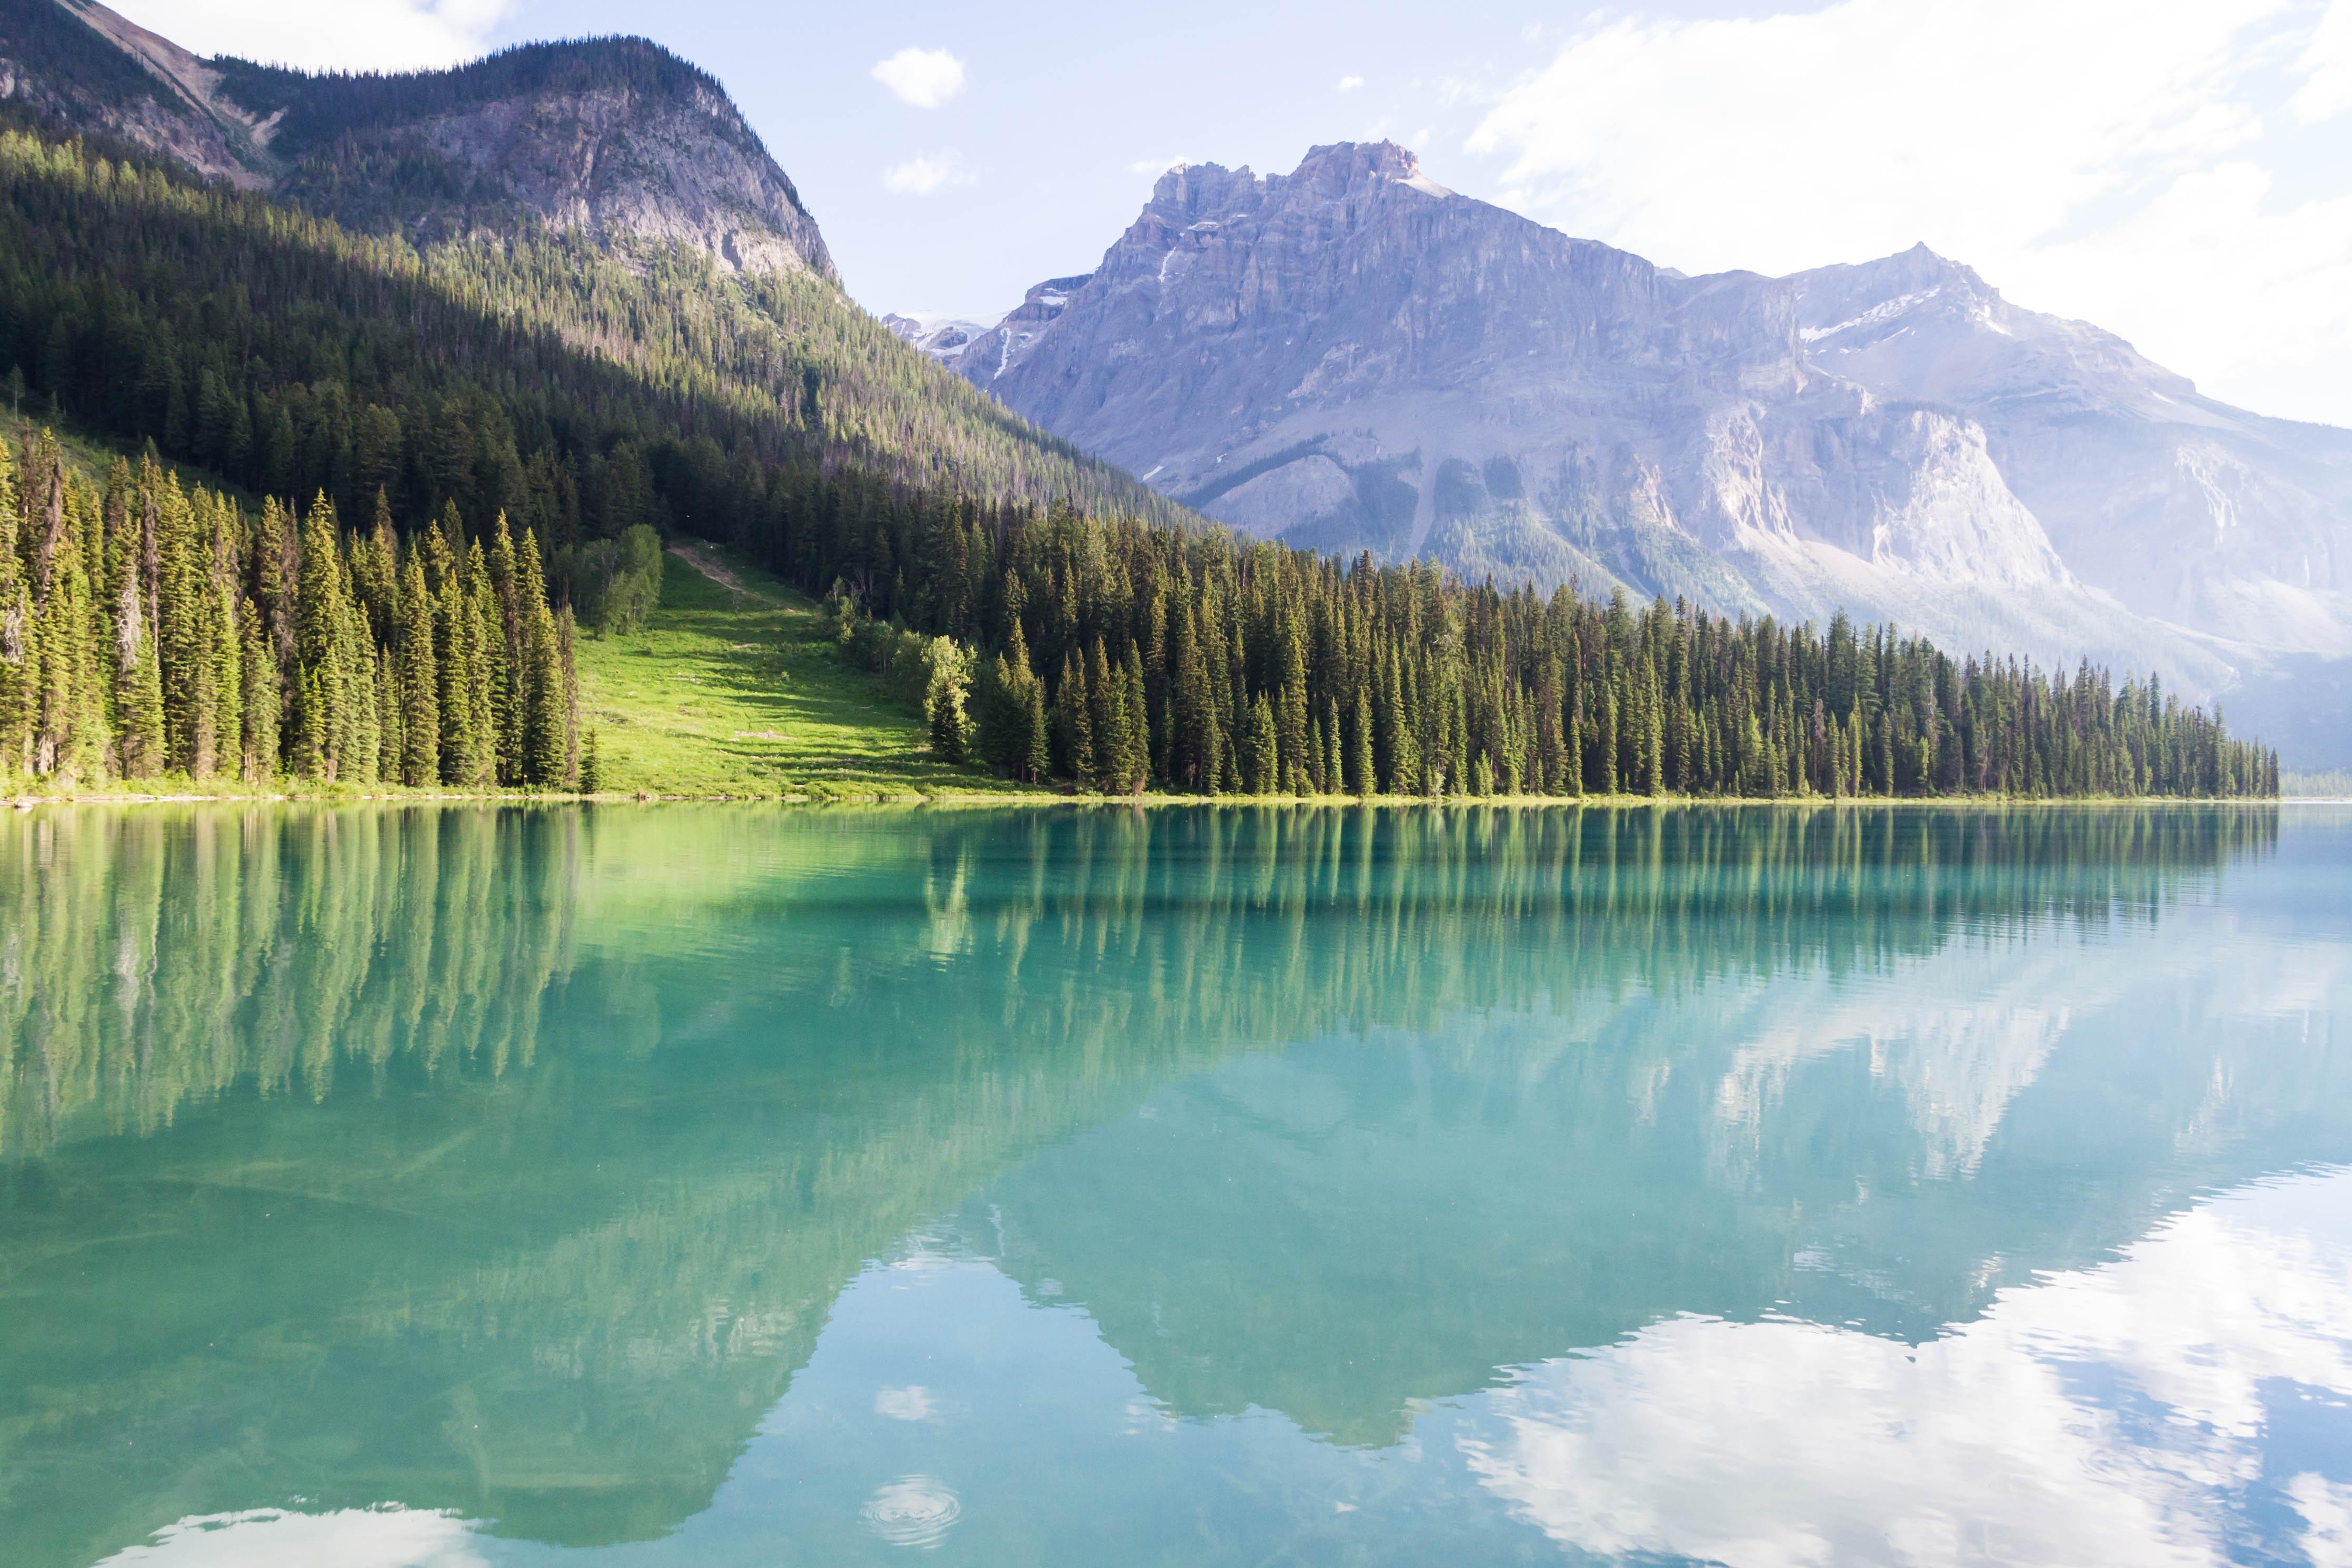 60842 Hintergrundbild 1024x768 kostenlos auf deinem Handy, lade Bilder Landschaft, Natur, Bäume, Mountains, Peyto-Seen, Peito Lakes 1024x768 auf dein Handy herunter